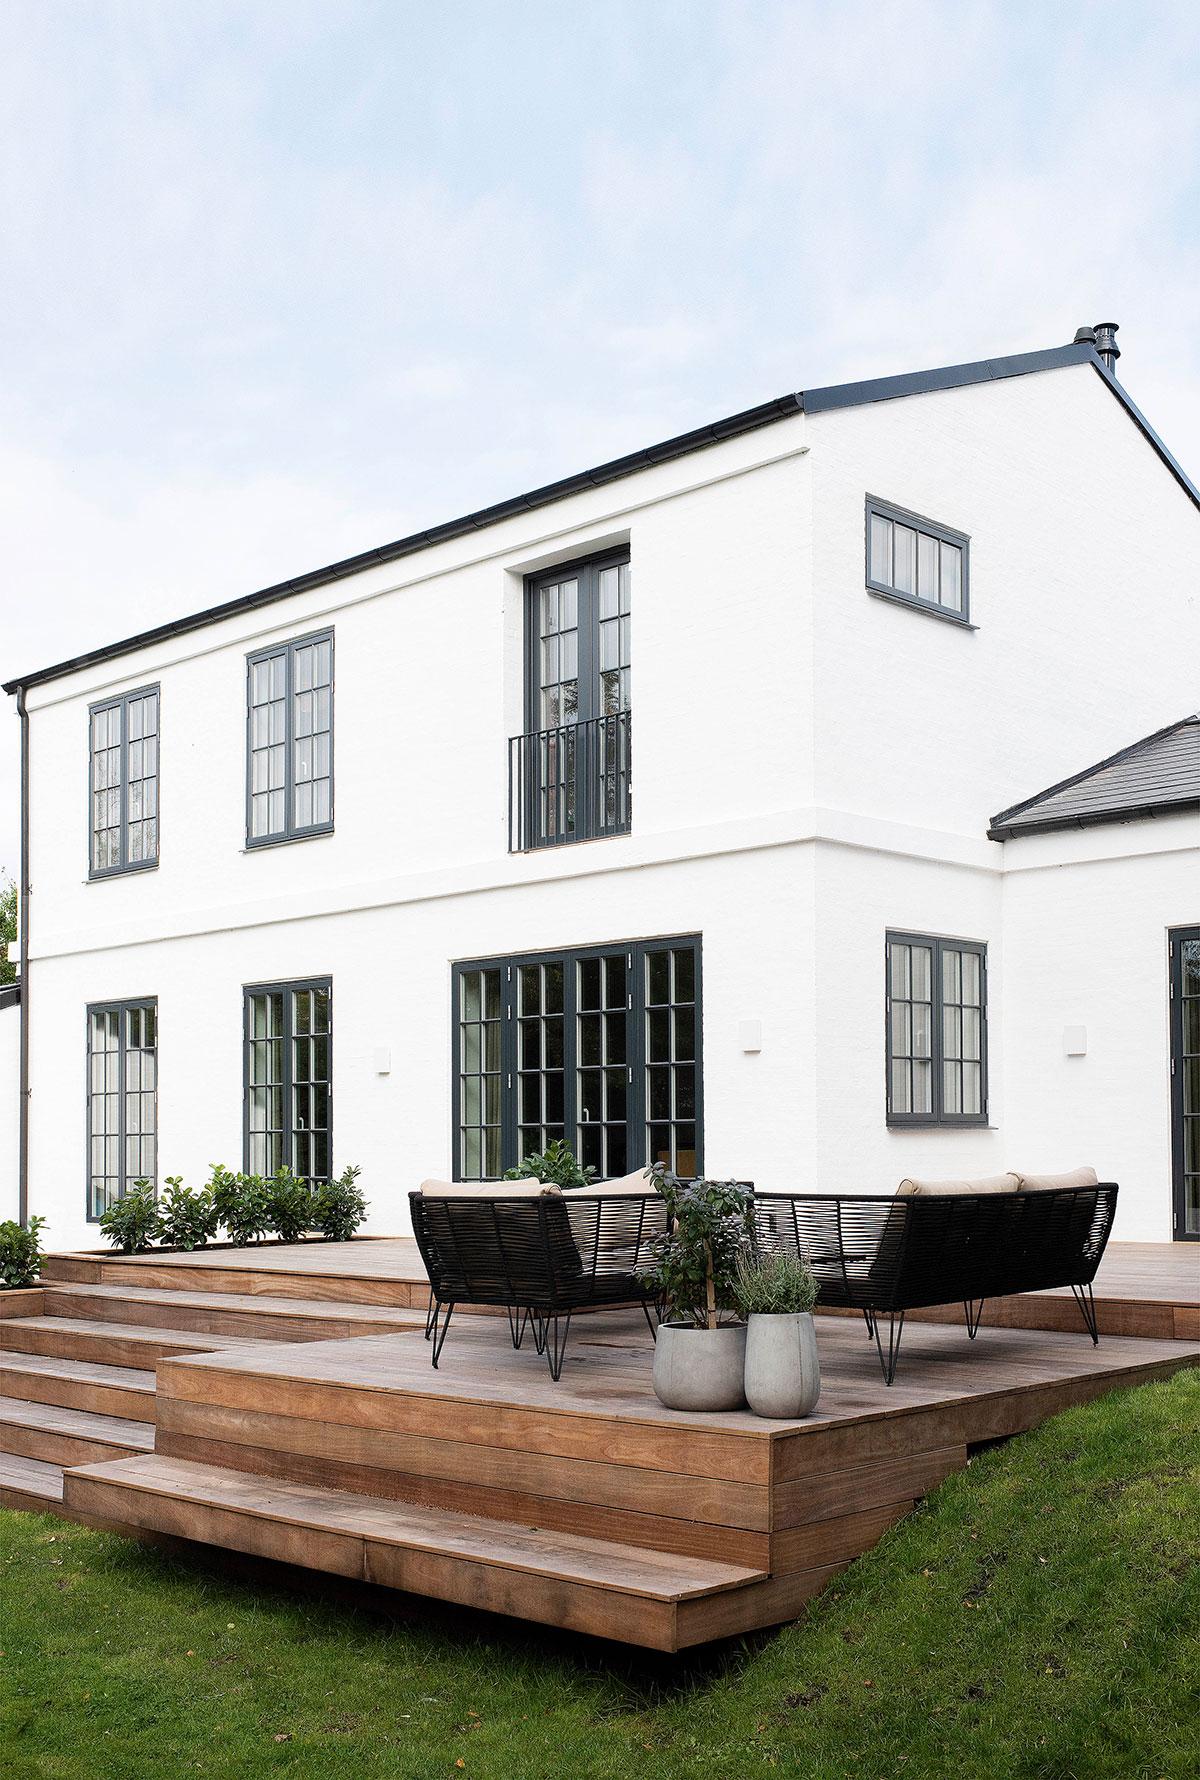 Из старинной виллы музыканта в функциональный дом для семьи: история из Дании